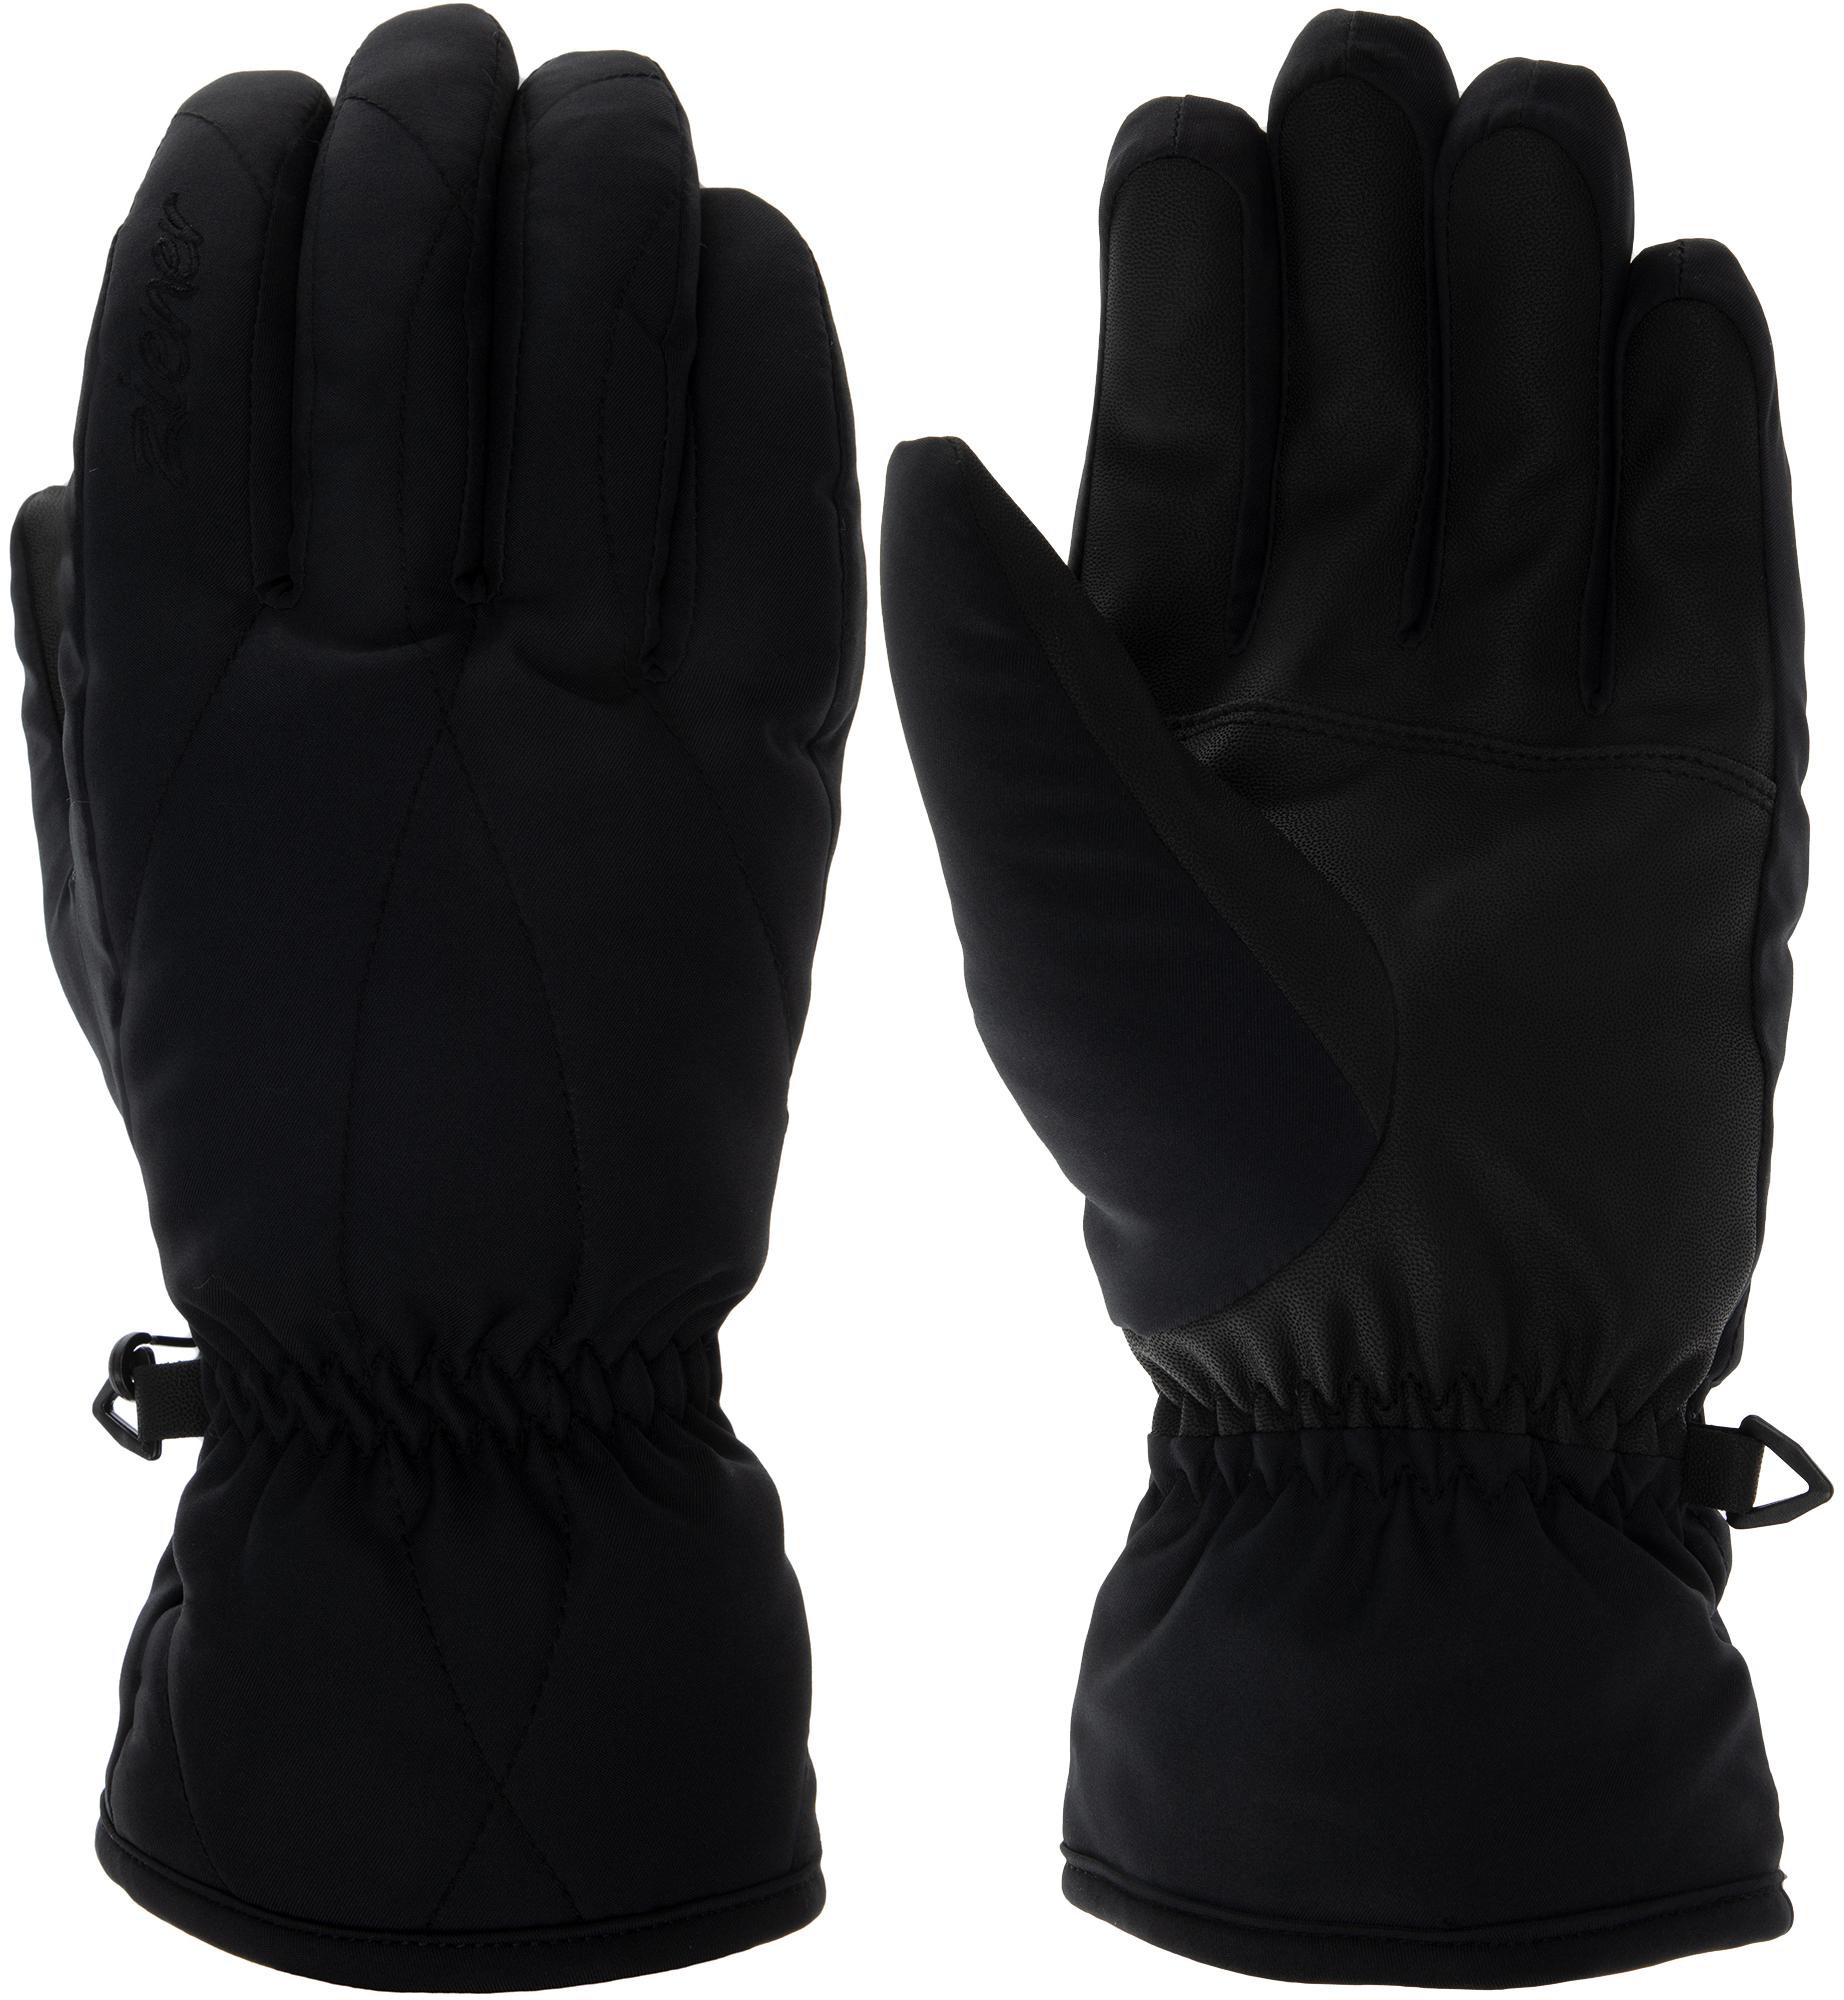 купить Ziener Перчатки женские Ziener, размер 8 по цене 1799 рублей